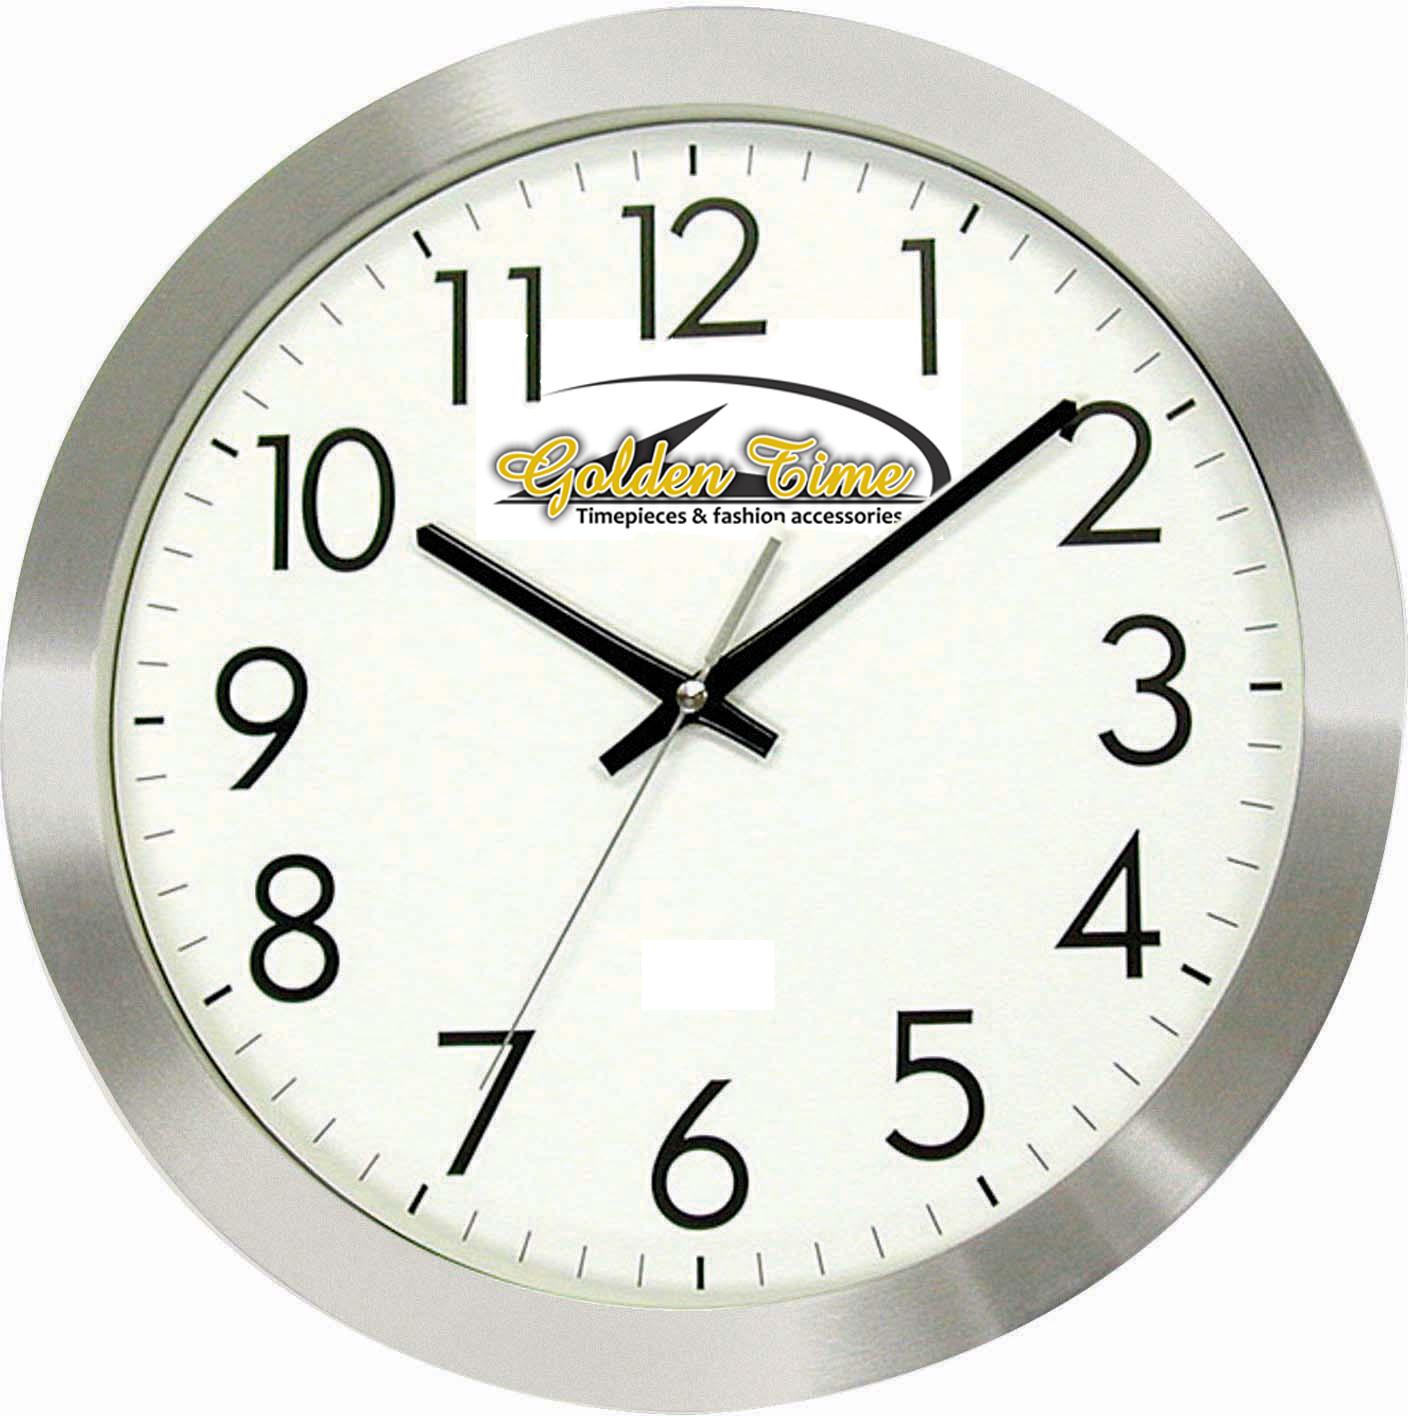 нанесение логотипа на часы: